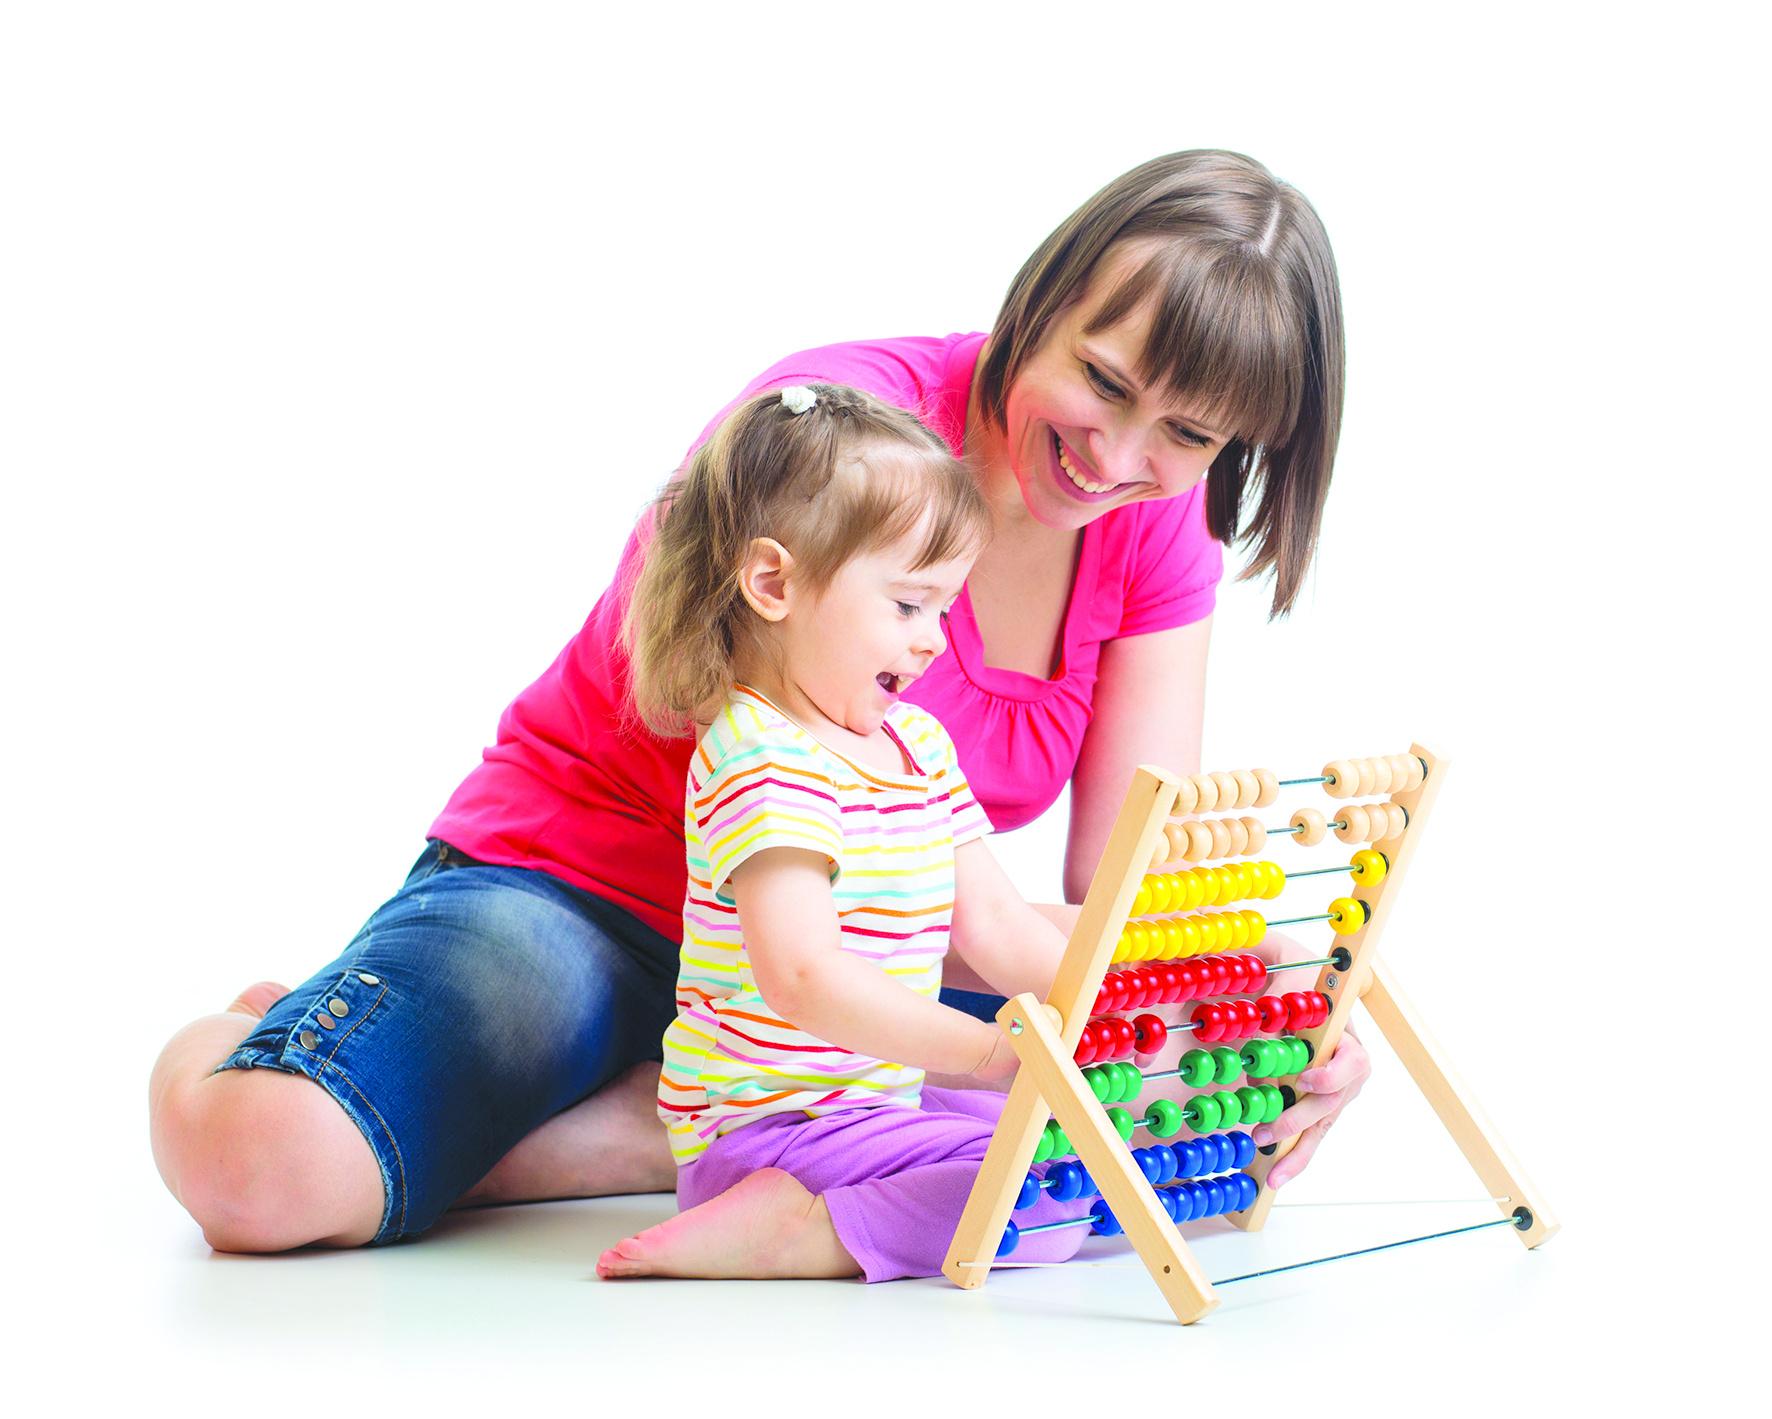 0歳から3歳までの、子どもの能力を開発するには? キッズファースト KidsFirst